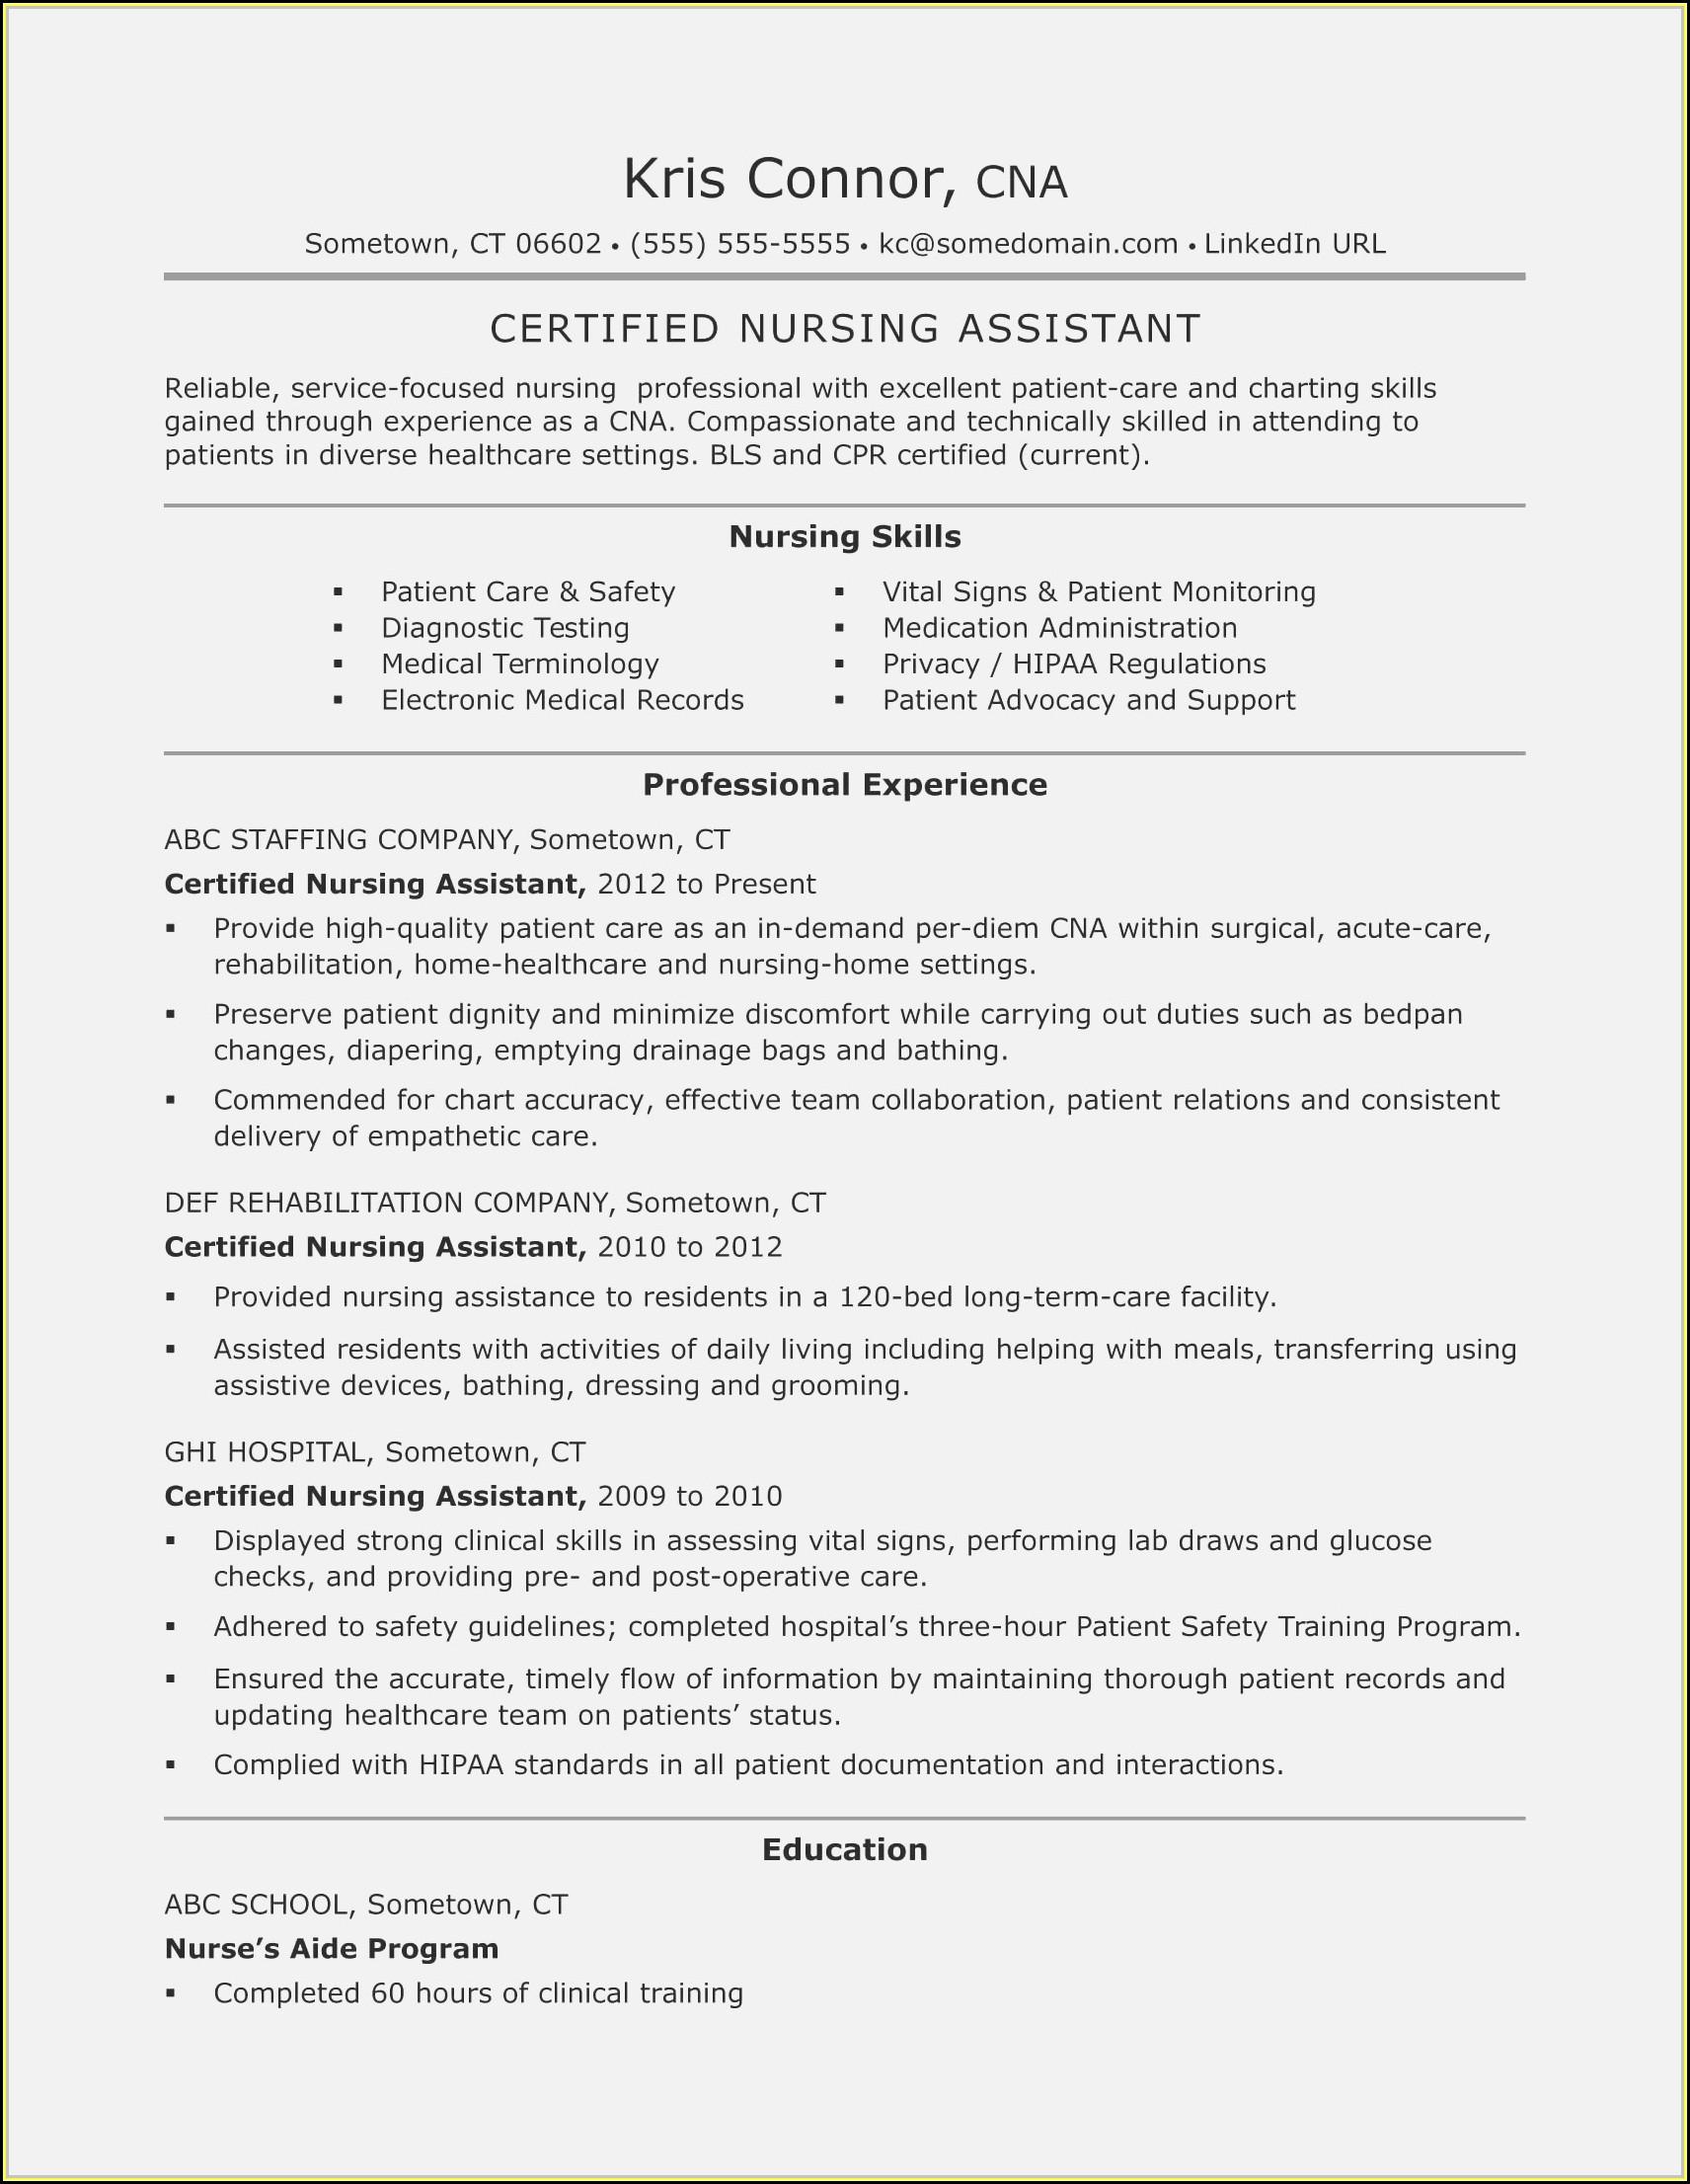 Cv Template For Nursing